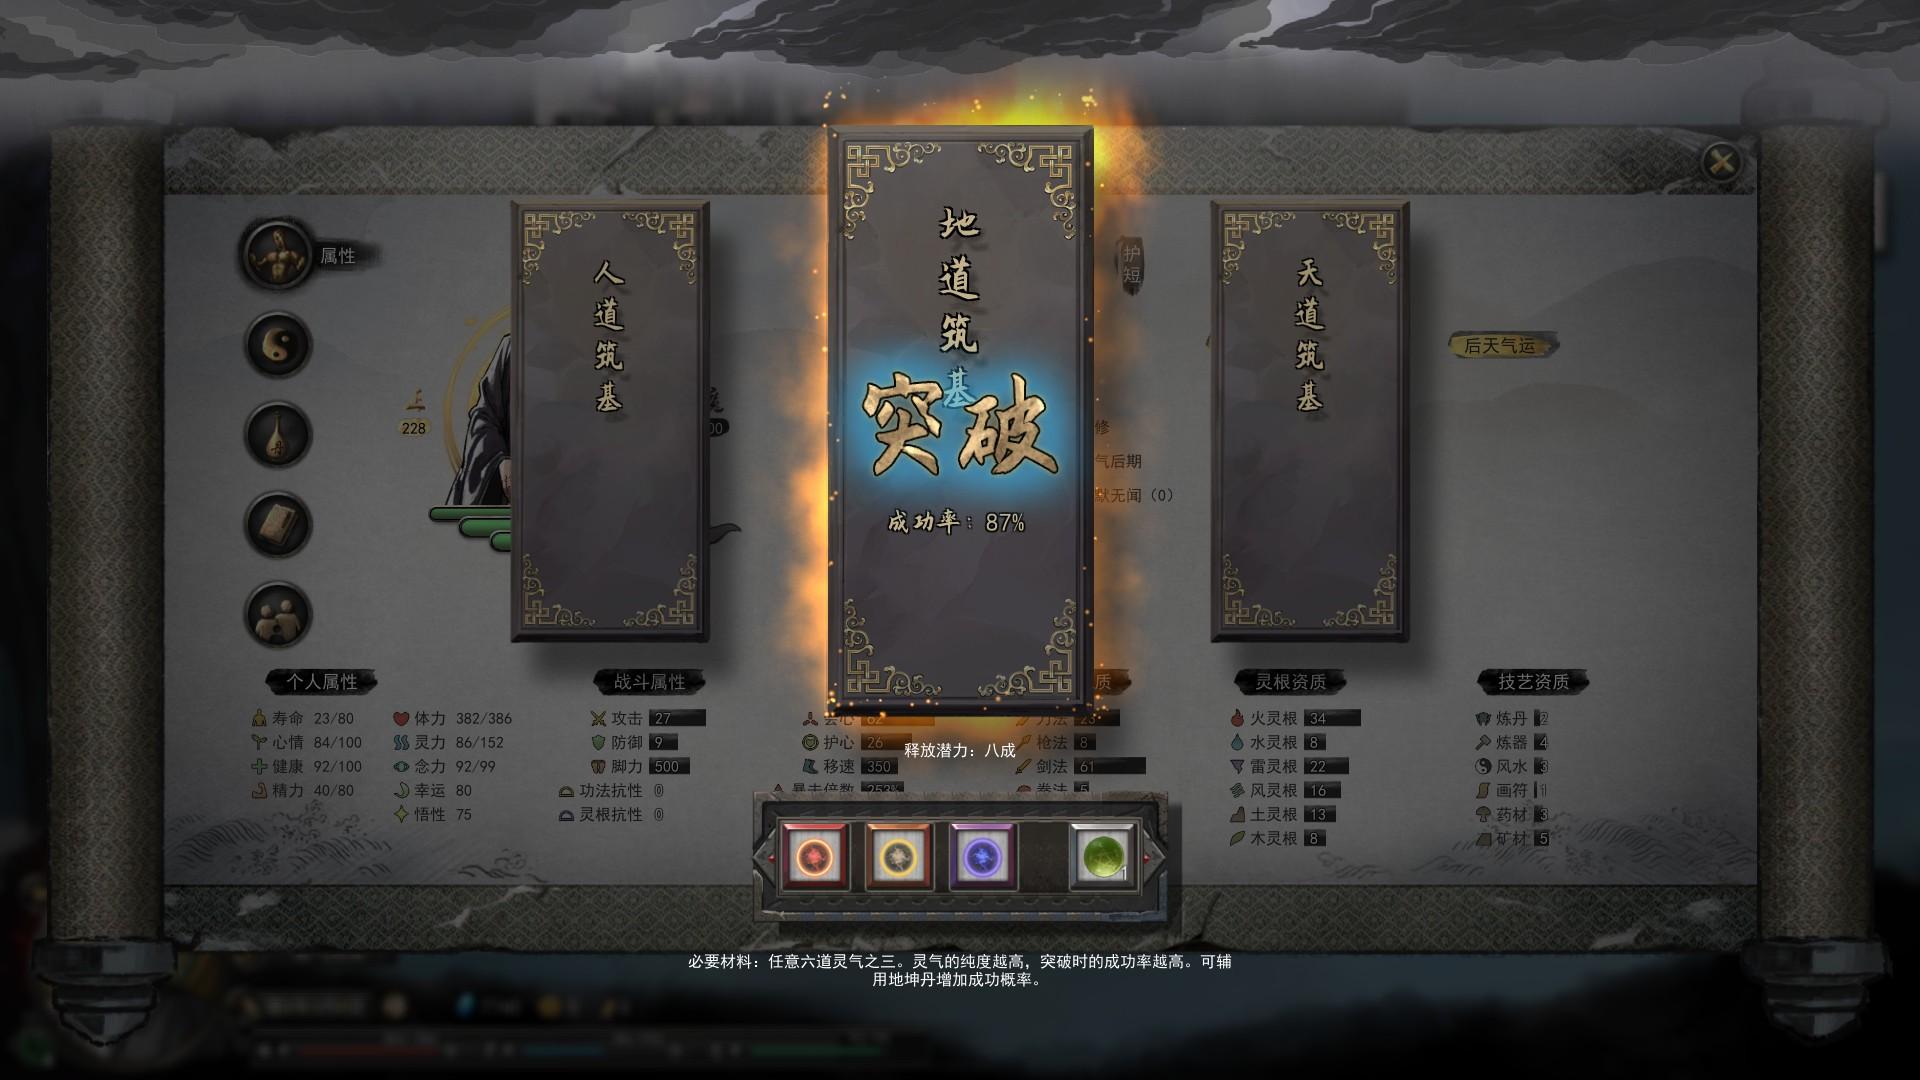 鬼谷八荒 官方高清截图(4)